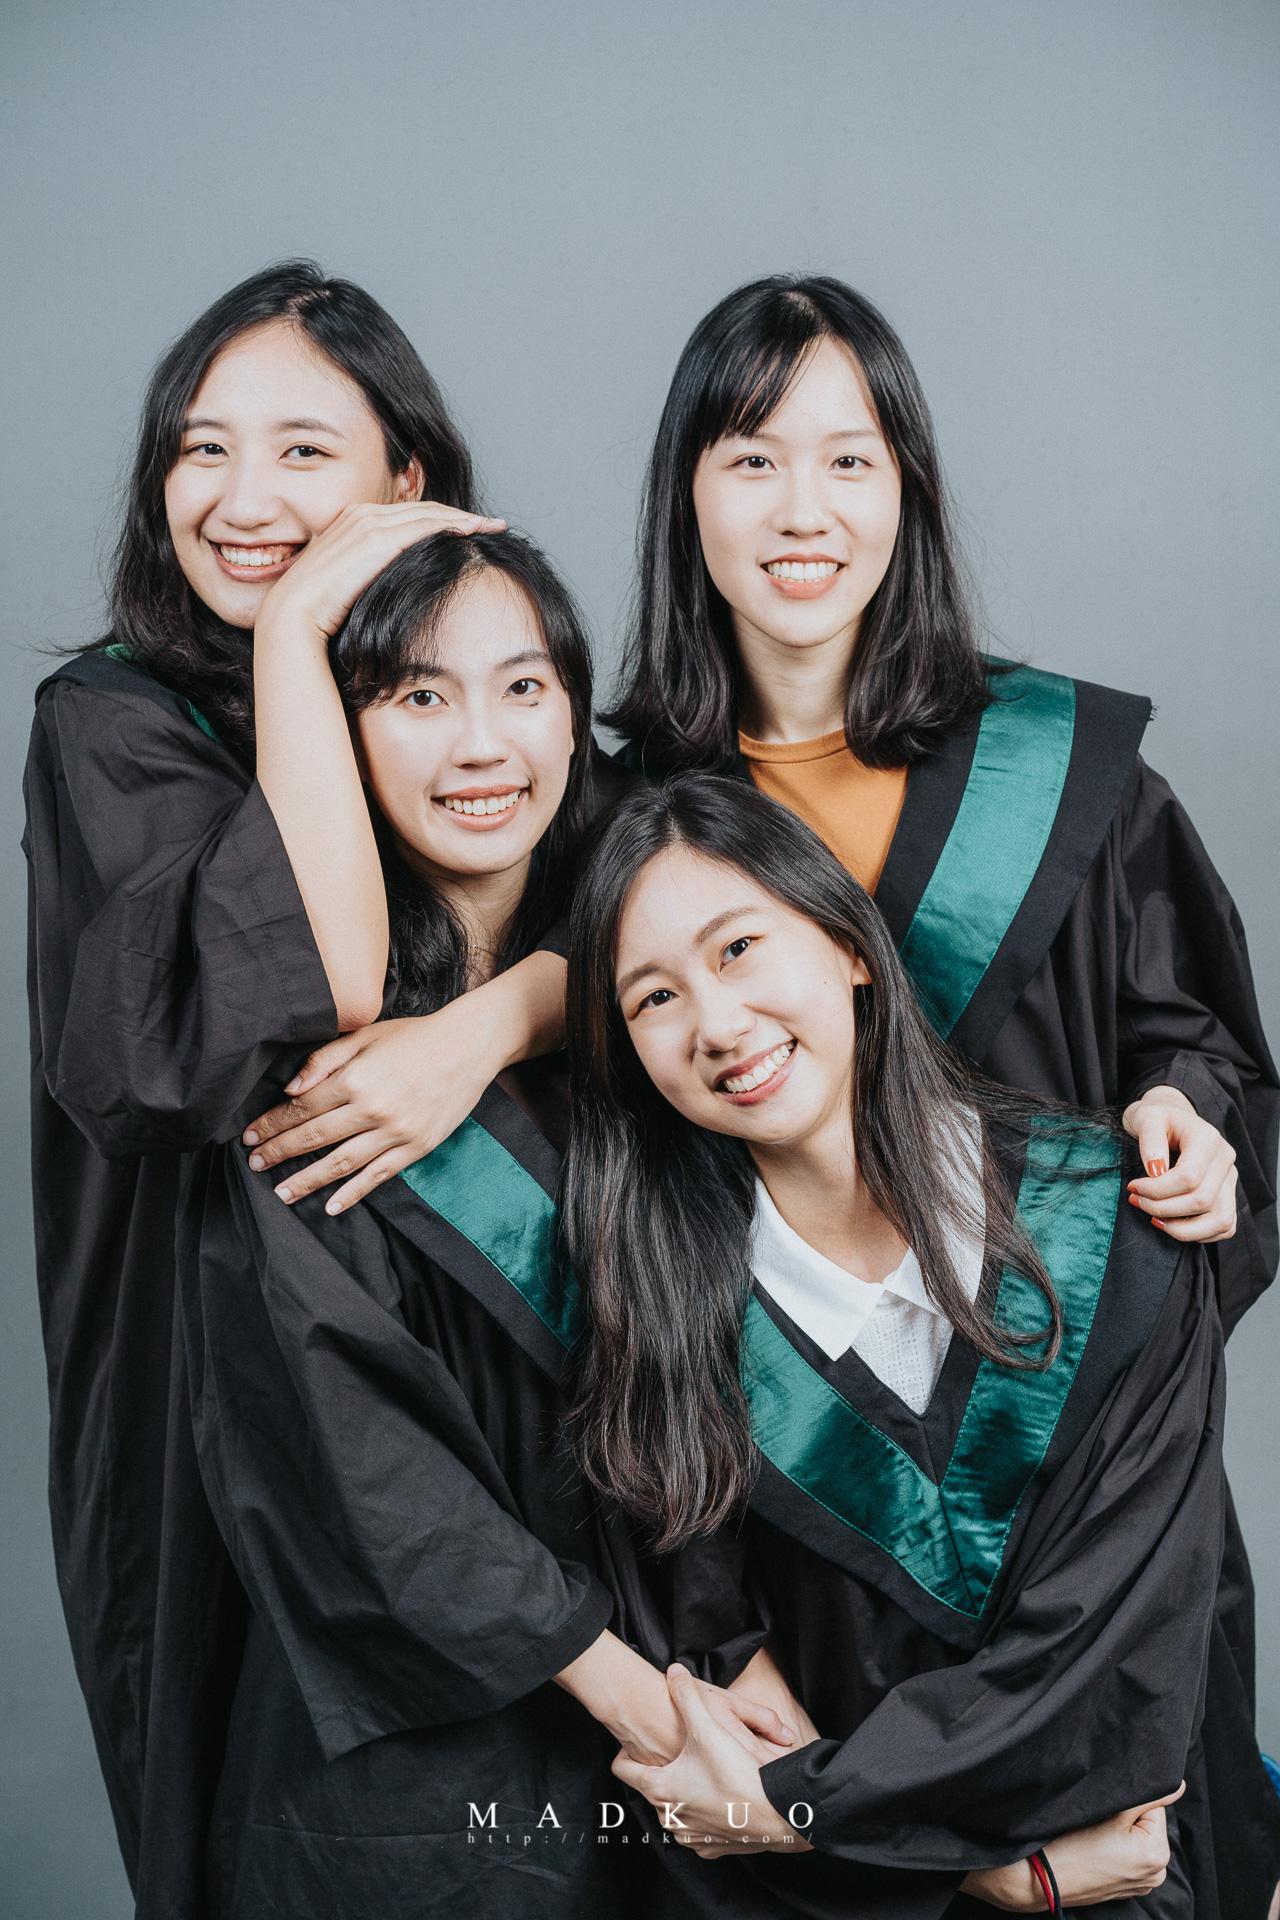 輔大醫學系-畢業照